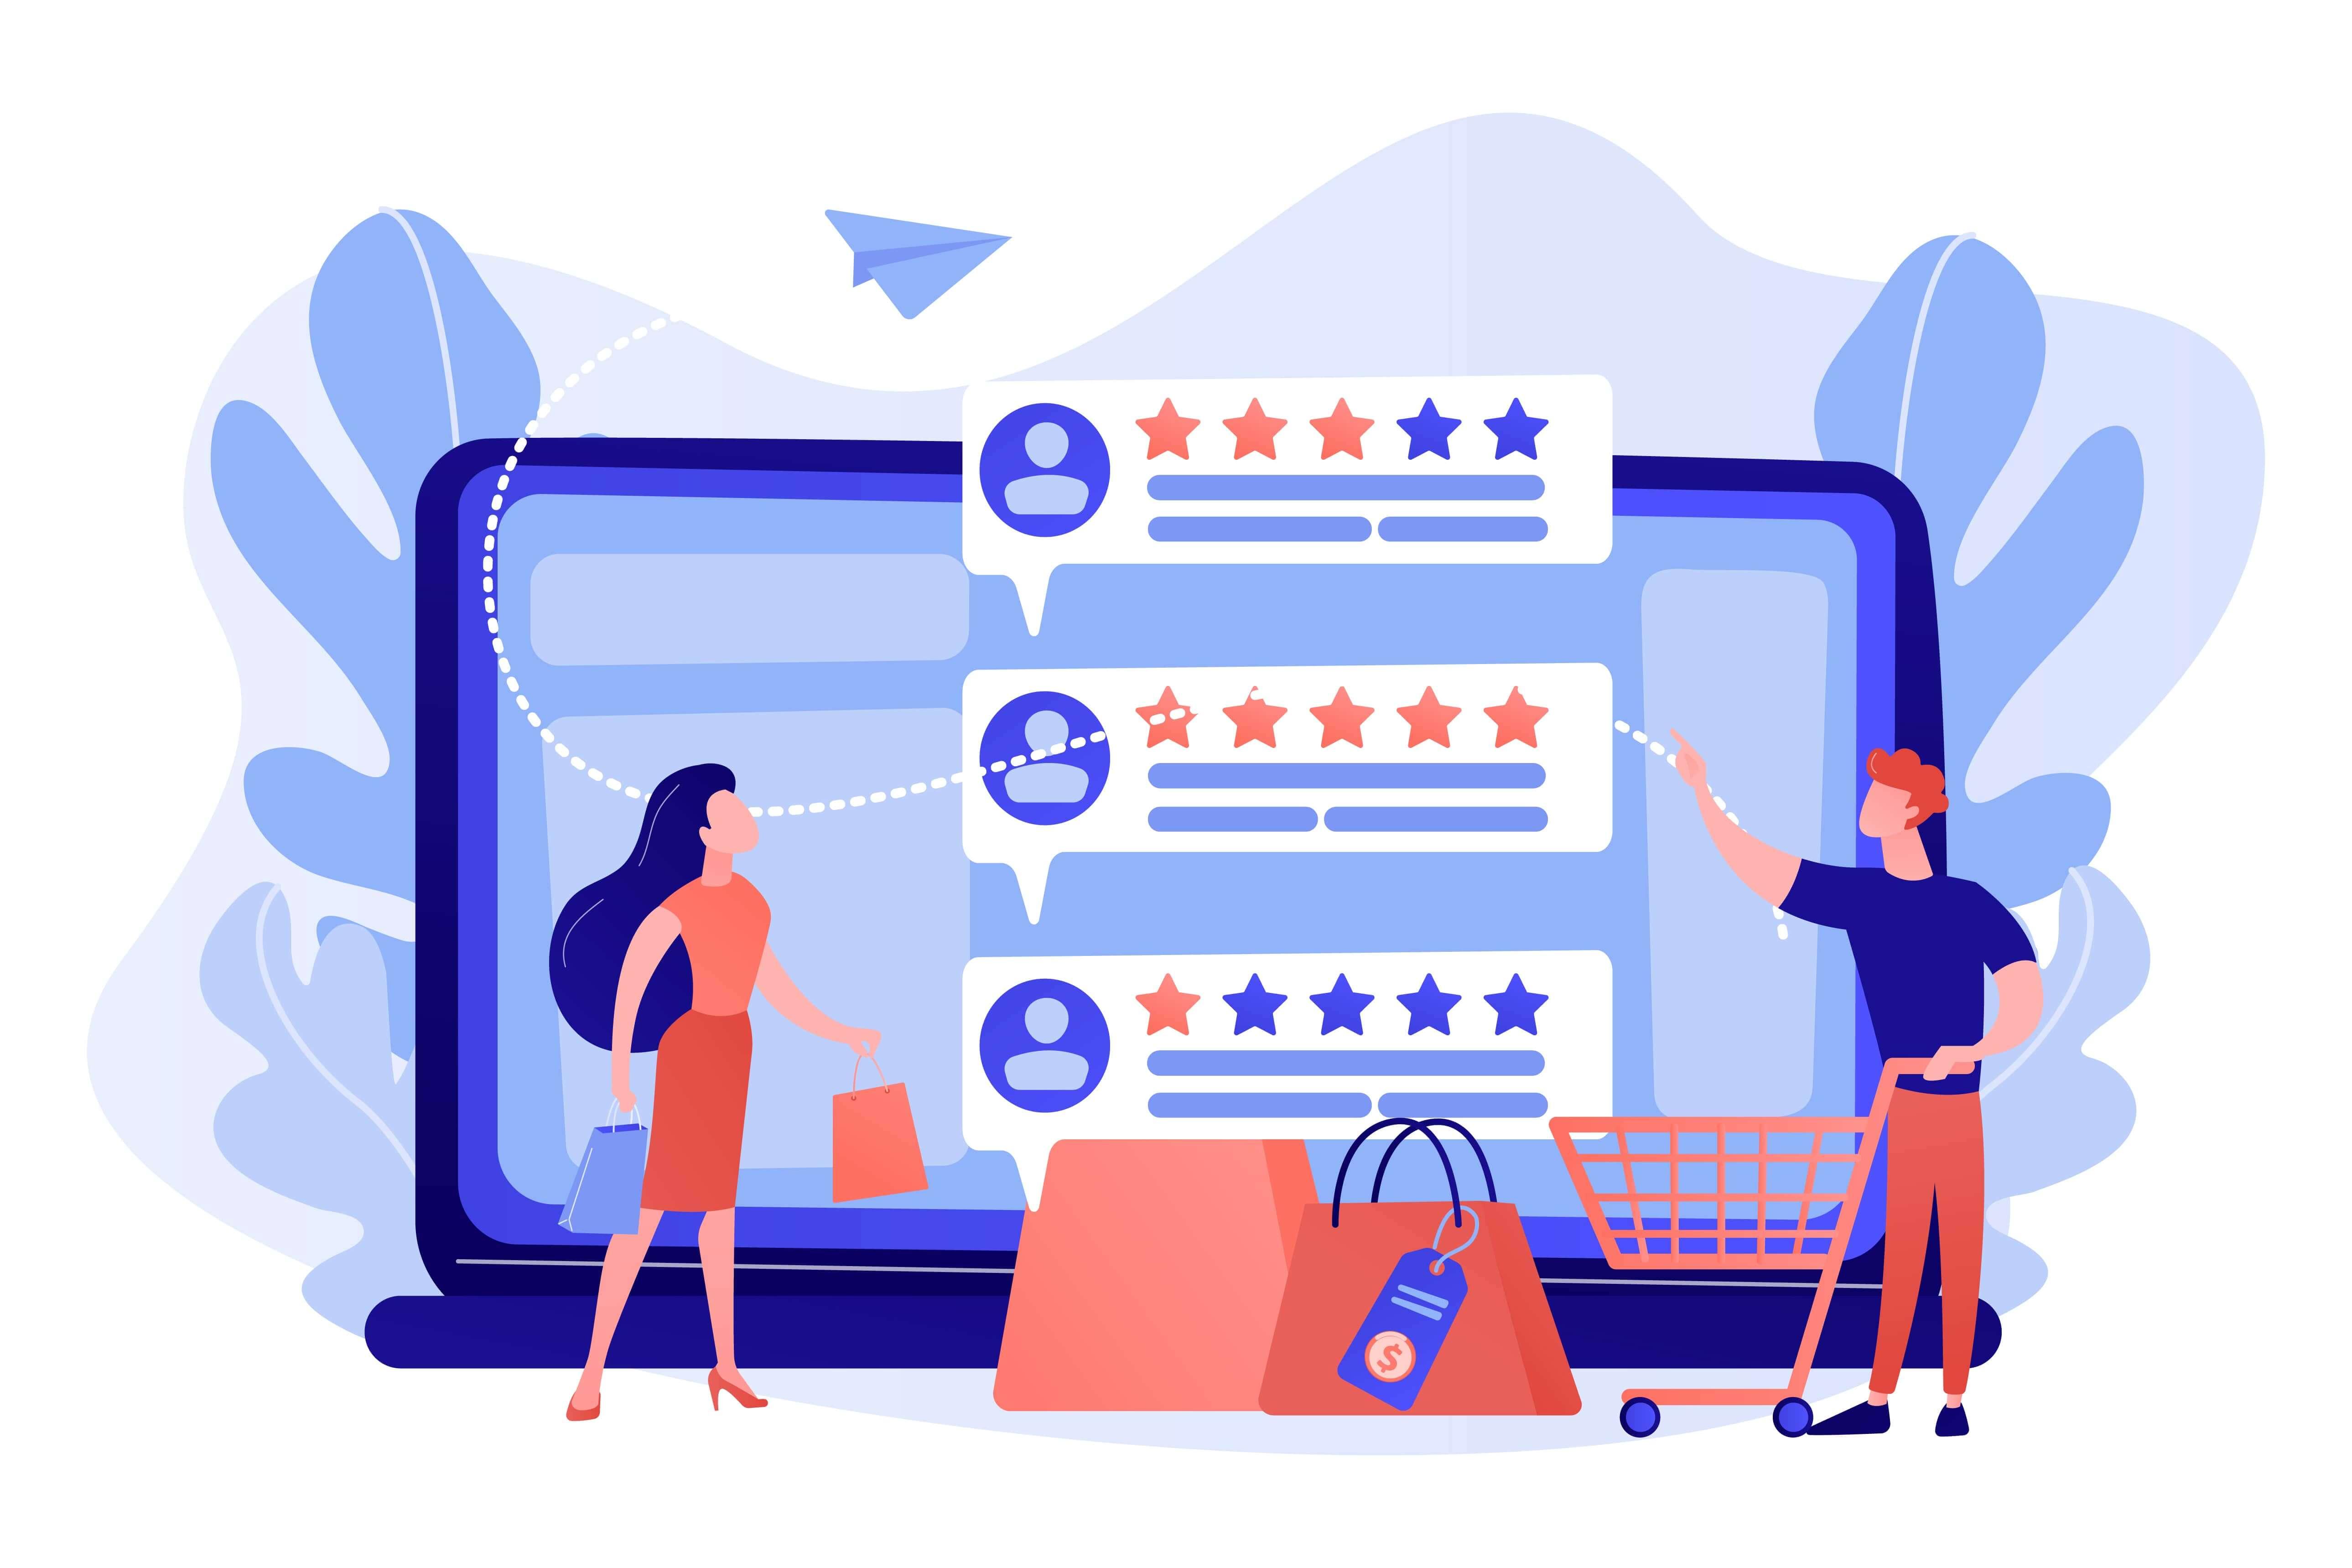 User-generated Content คืออะไร ทำไมจึงช่วยแบรนด์ทำการตลาดได้แบบสุดปัง?